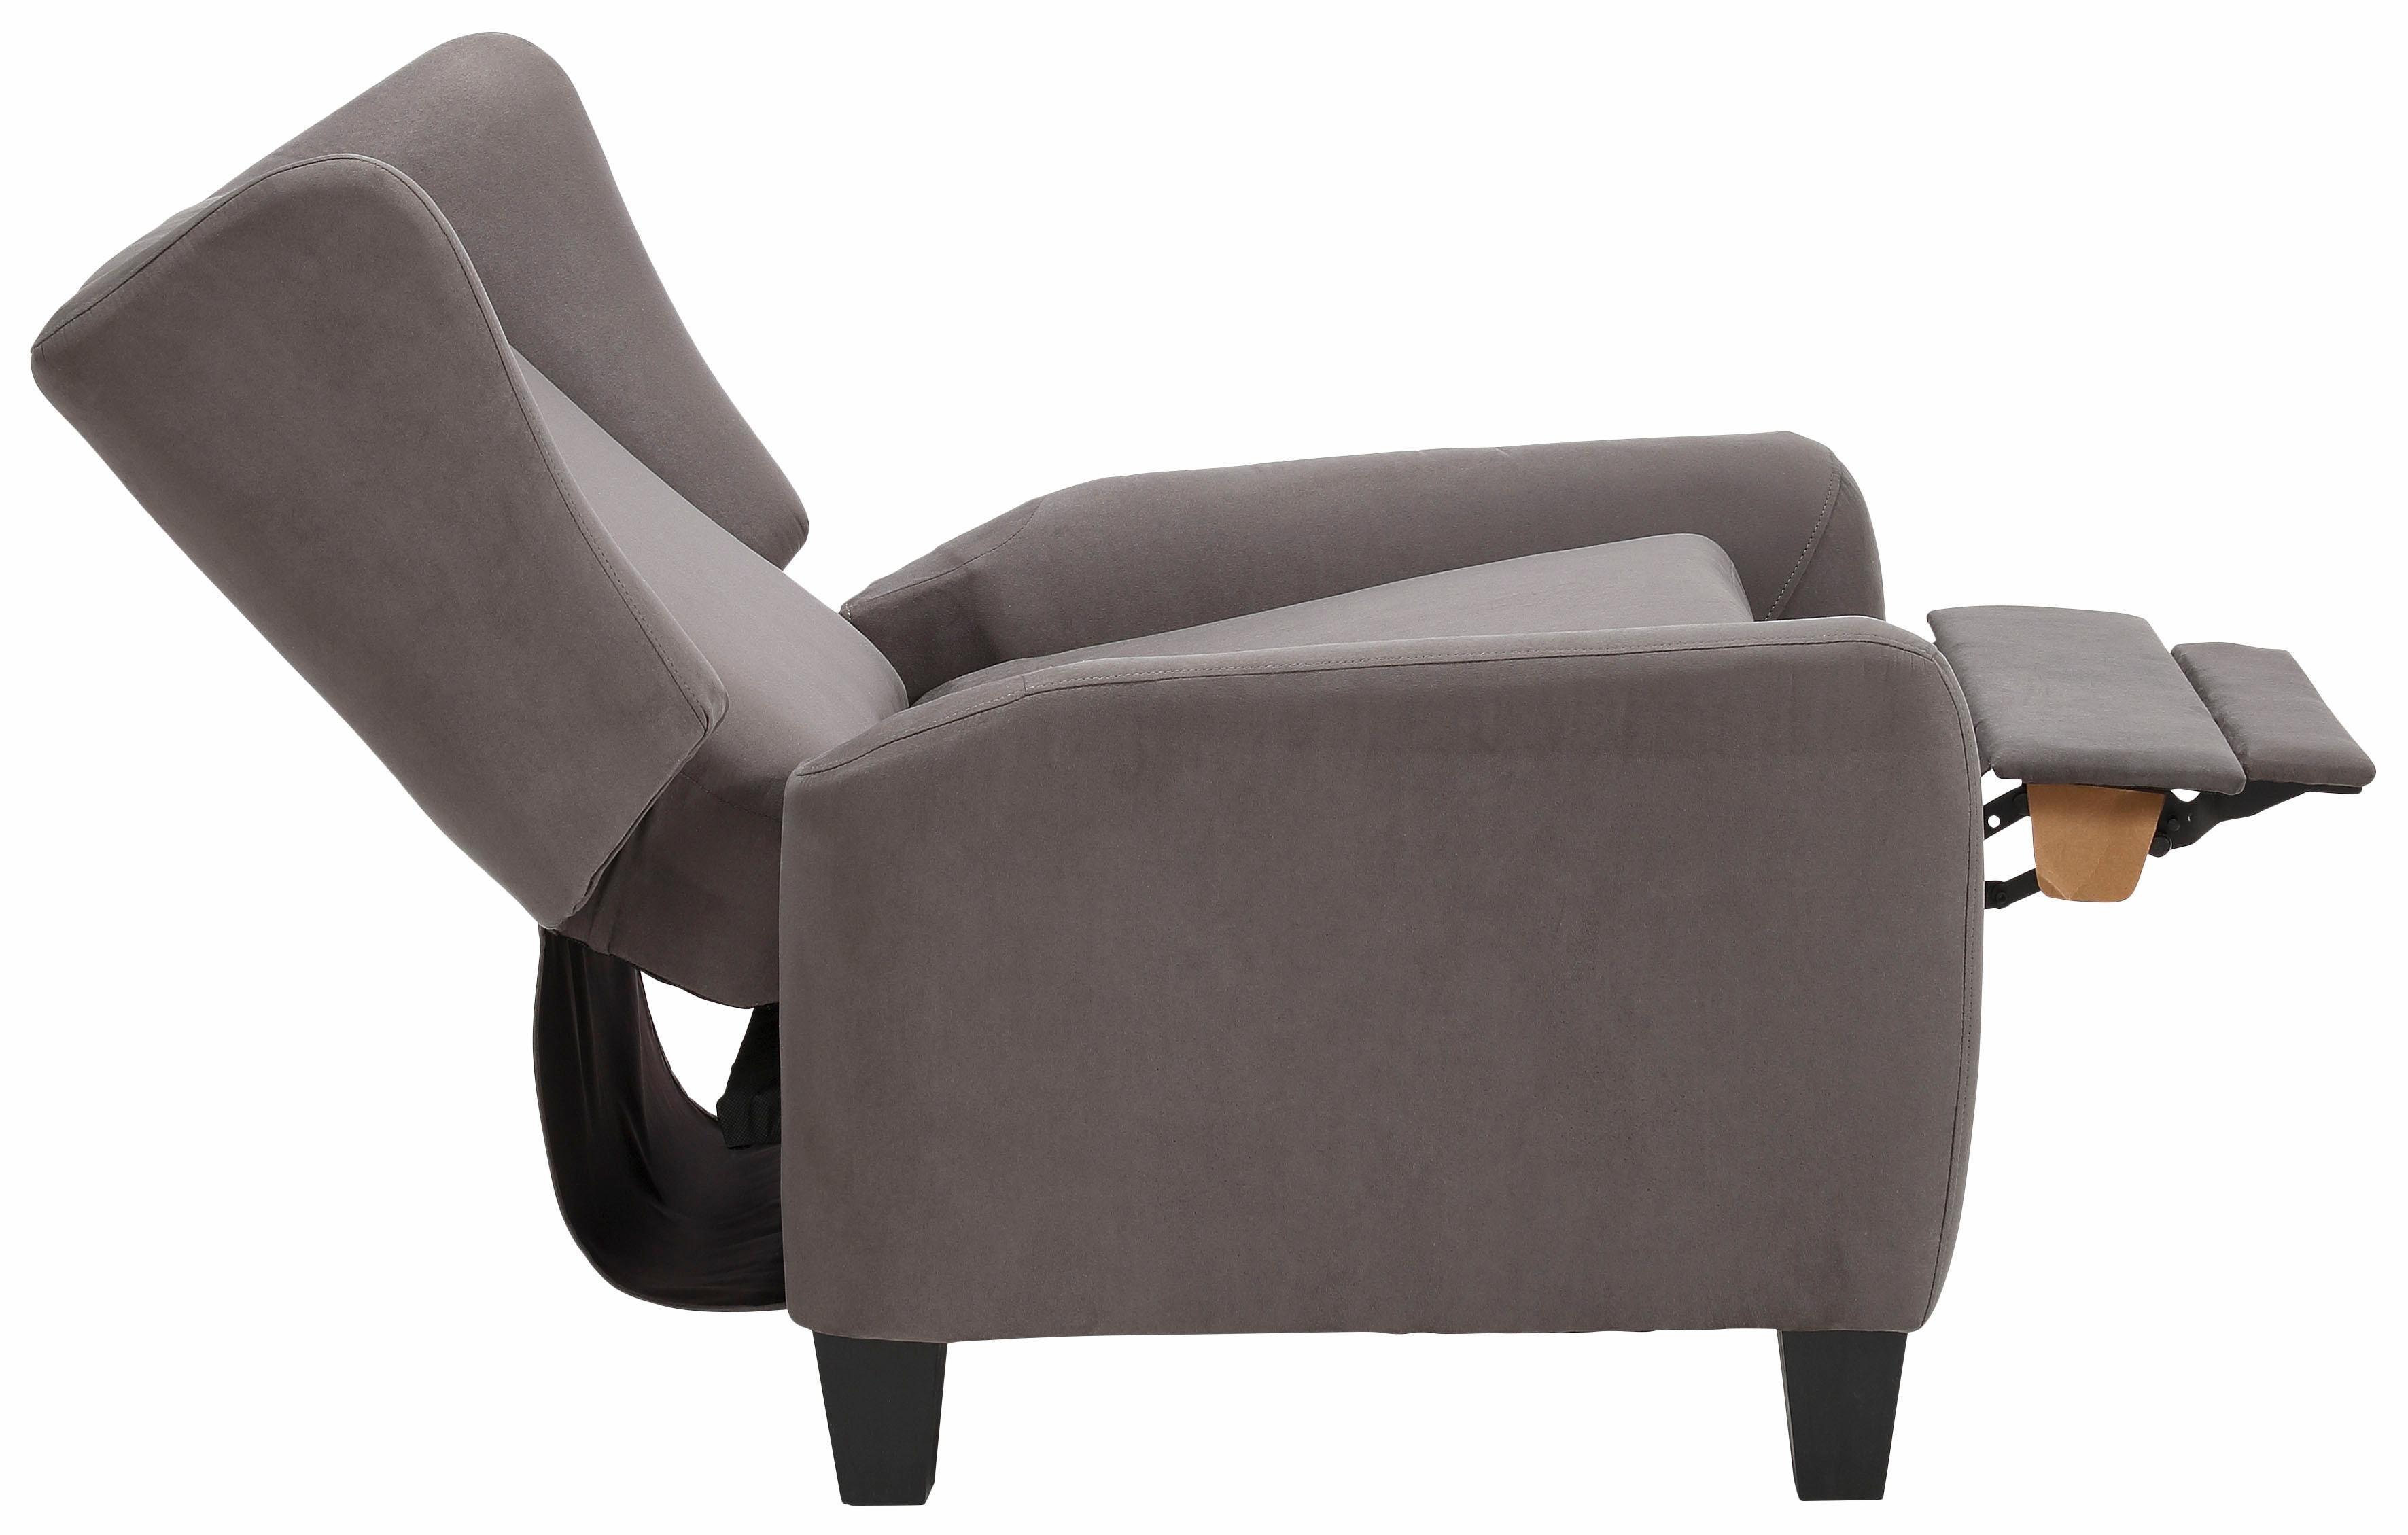 Home affaire Relax-/Ohrensessel »Alessa« mit verstellbarer Rückenlehne und ausfahrbarer Fußstütze | Wohnzimmer > Sessel > Ohrensessel | Microfaser - Polyester - Stoff | Home affaire